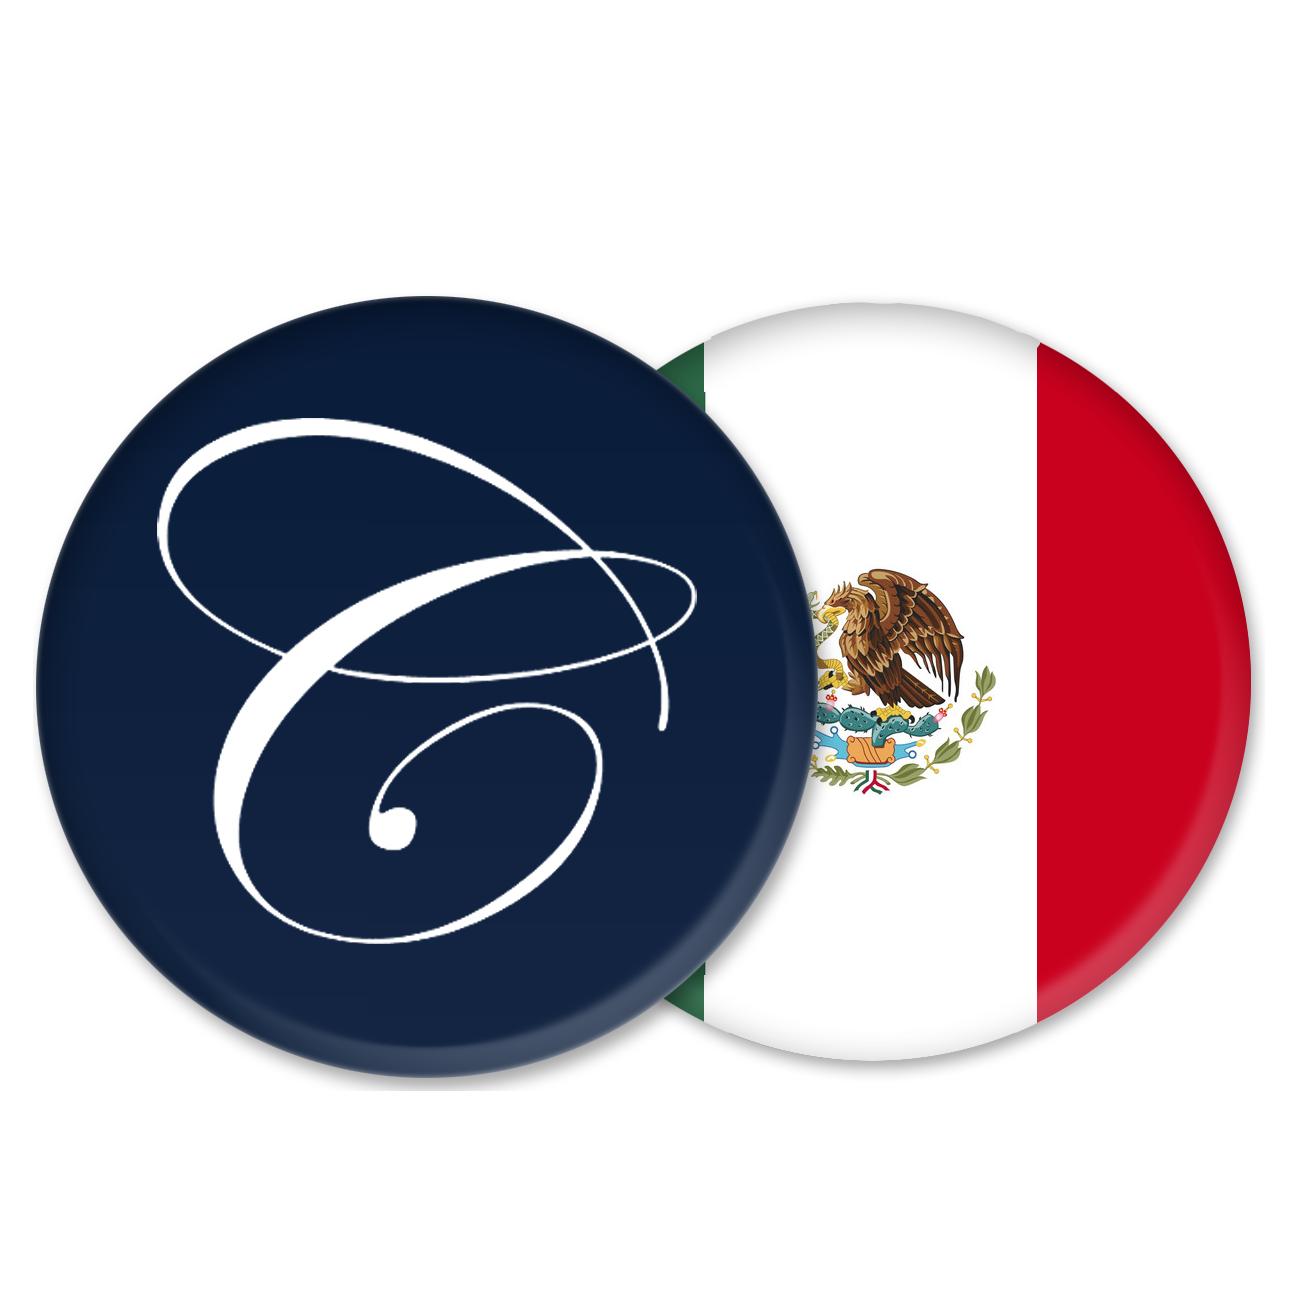 CC Mexico logo